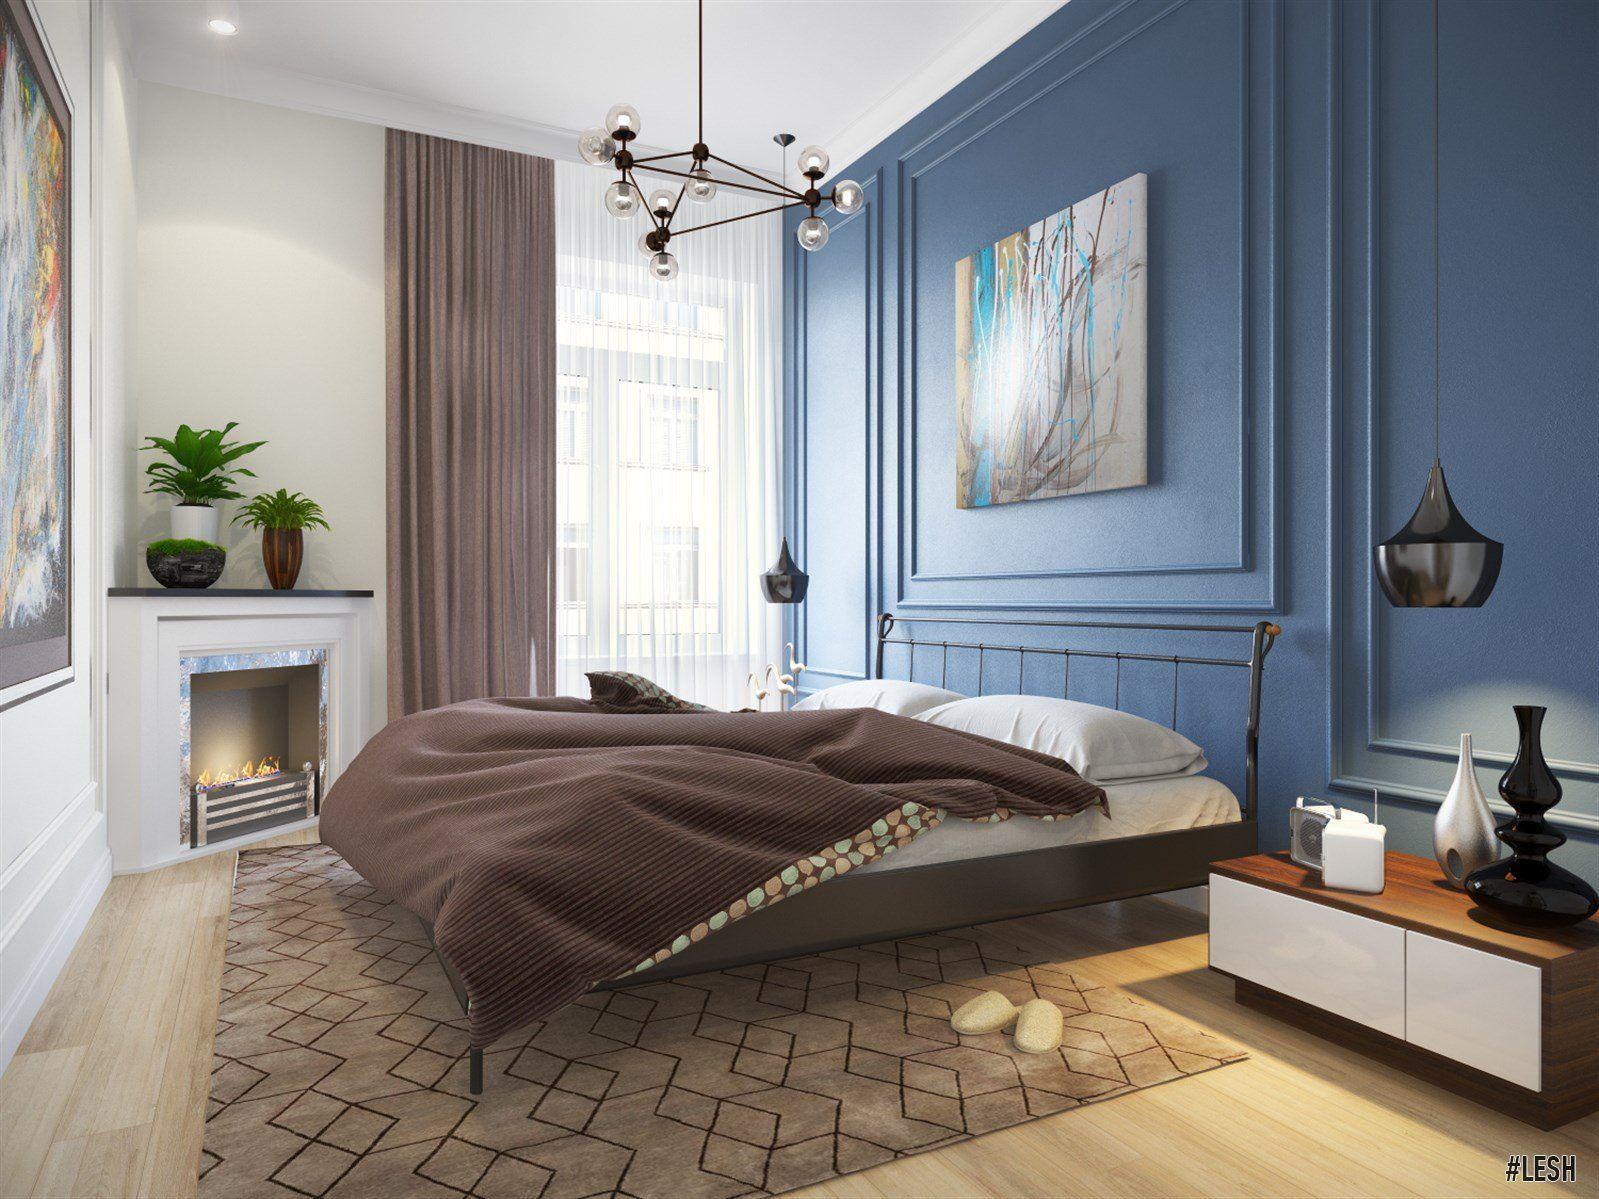 Design Bedroom Amazing Bedroom Classic Modern Interior Design  Lesh Design Interior Design Decoration